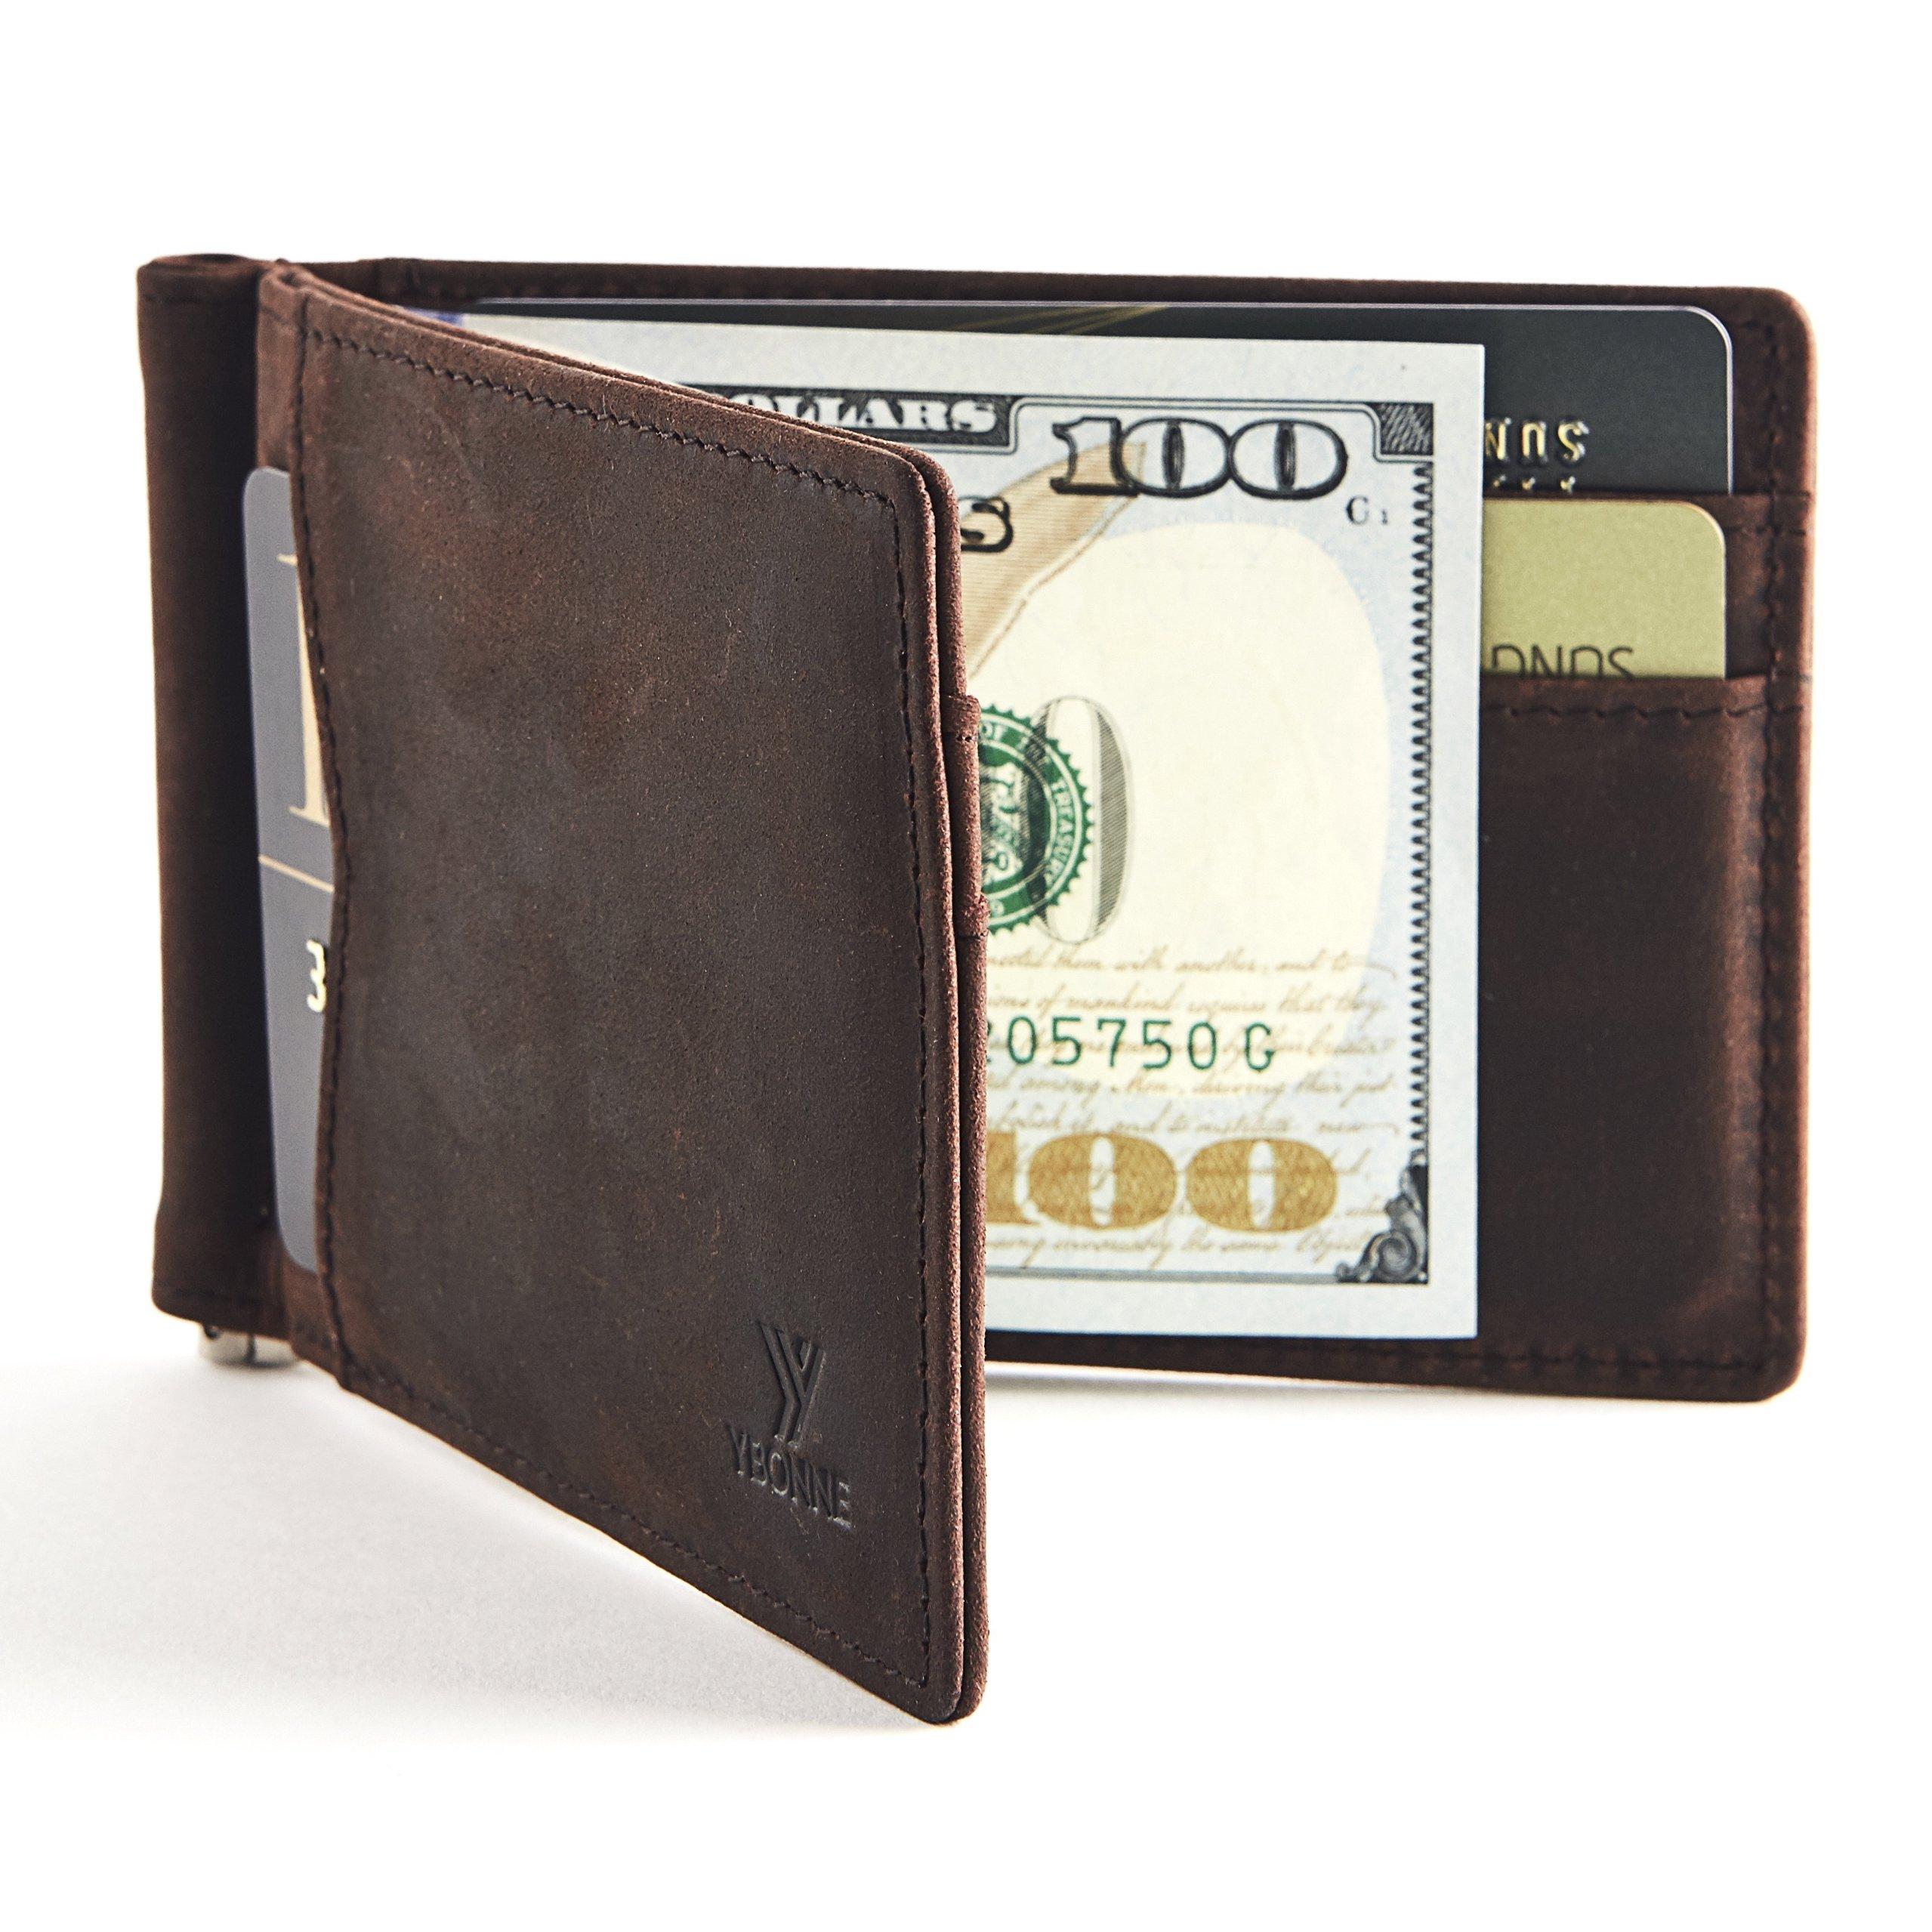 YBONNE New Slim Wallet with Money Clip Finest Genuine Leather RFID Blocking Minimalist Men's Bifold